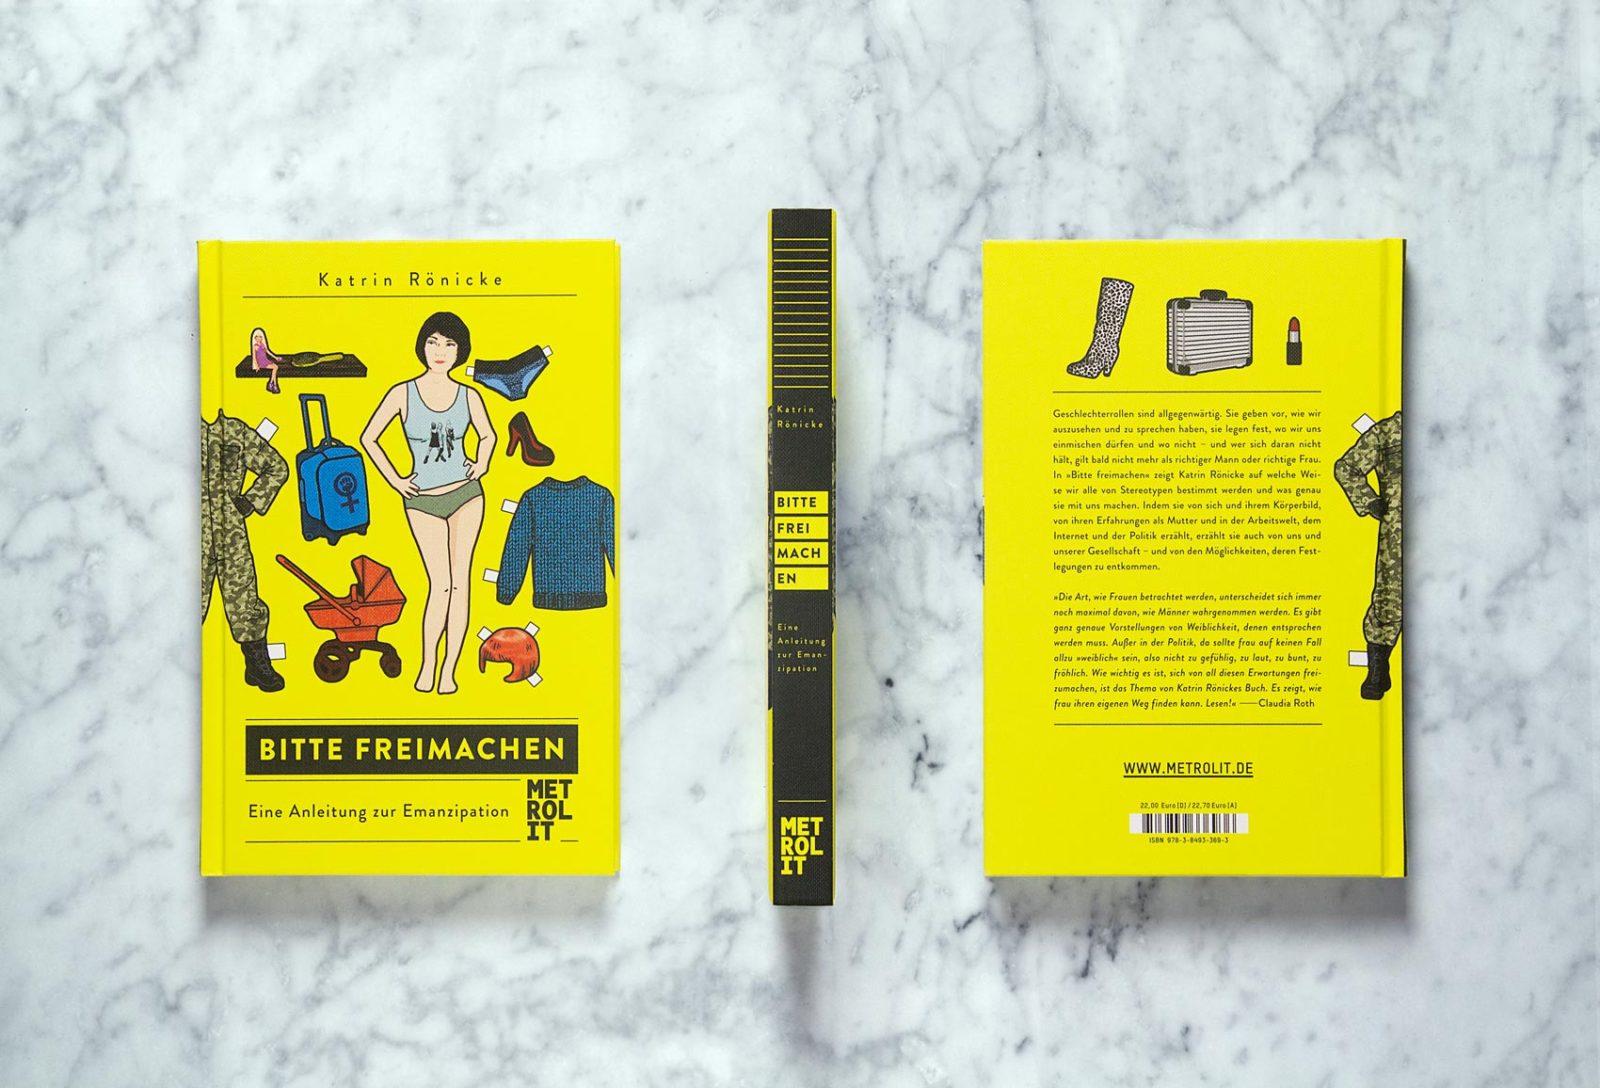 Editienne Grafikdesign - Kommunikationsdesign Berlin- Buchcoverdesign und Buchgestaltung 26